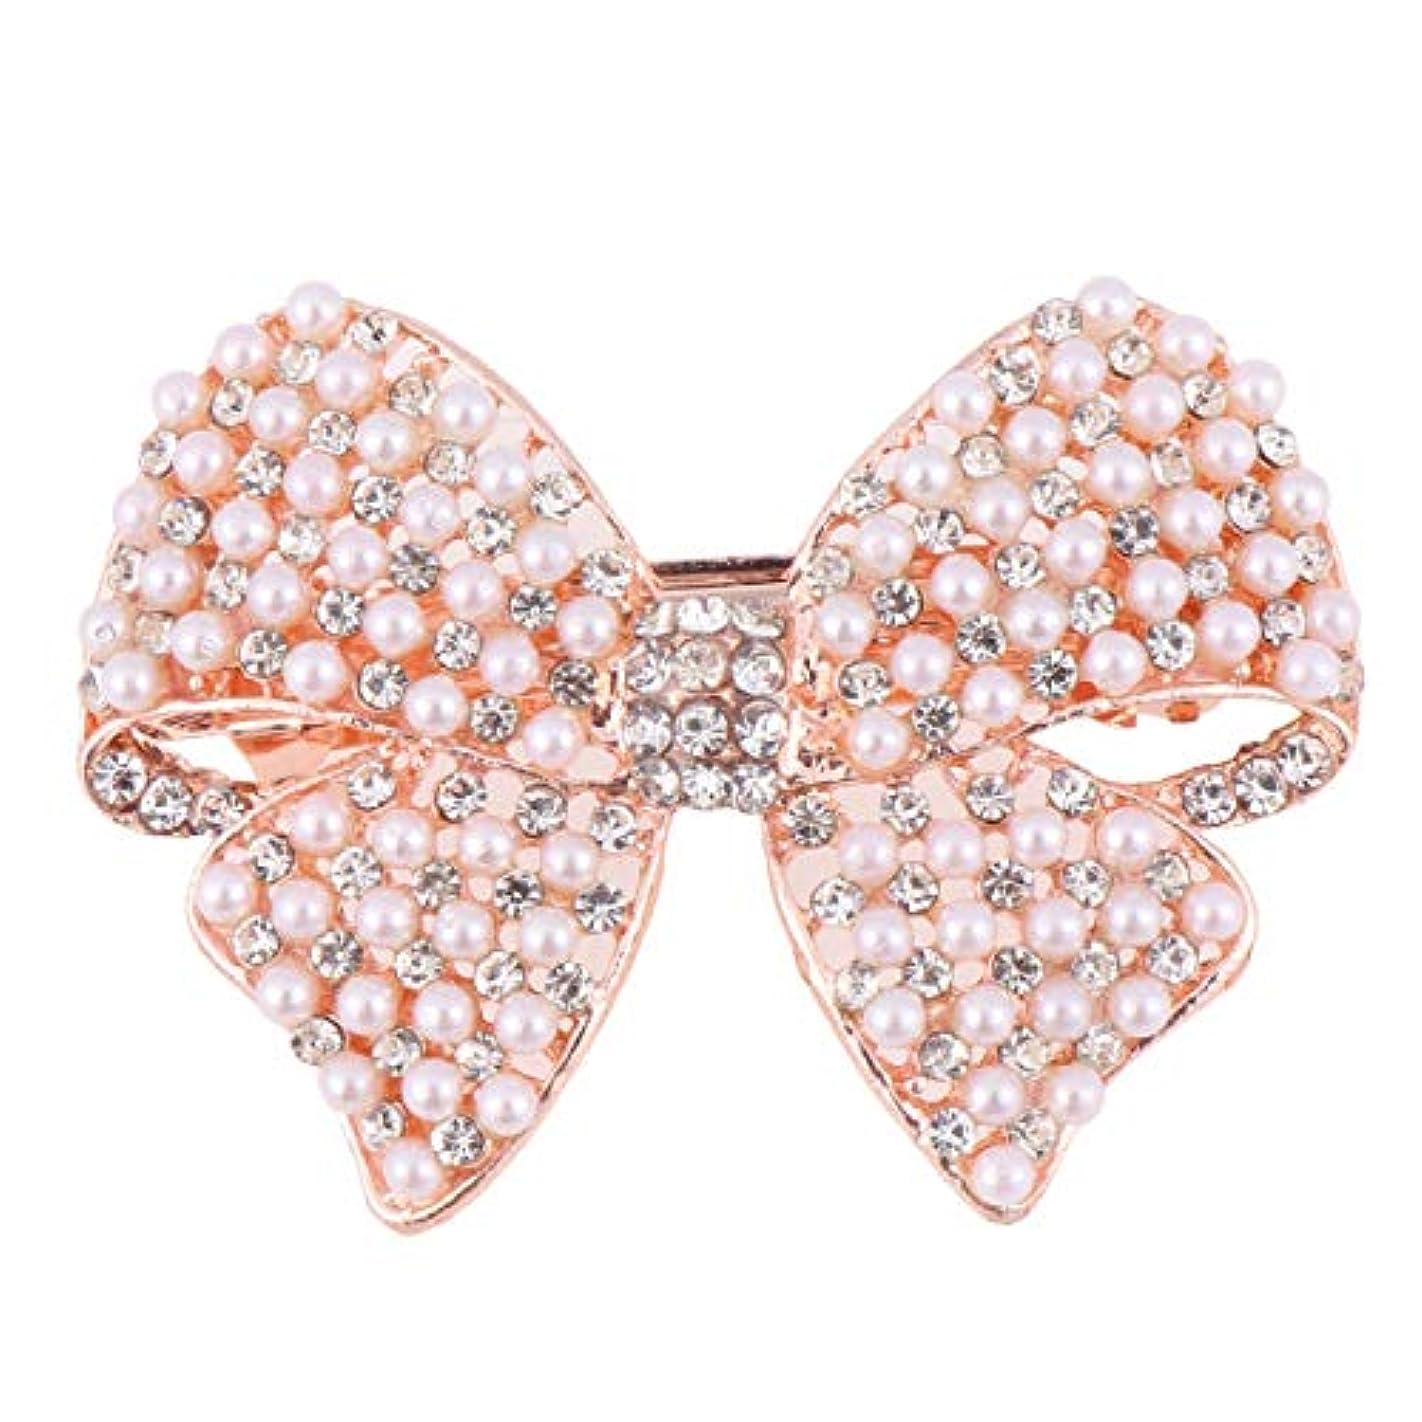 エチケット胚哲学的Beaupretty 女性のための真珠の弓のヘアクリップラインストーンヘアピンヘッドドレスバレッタちょう結び